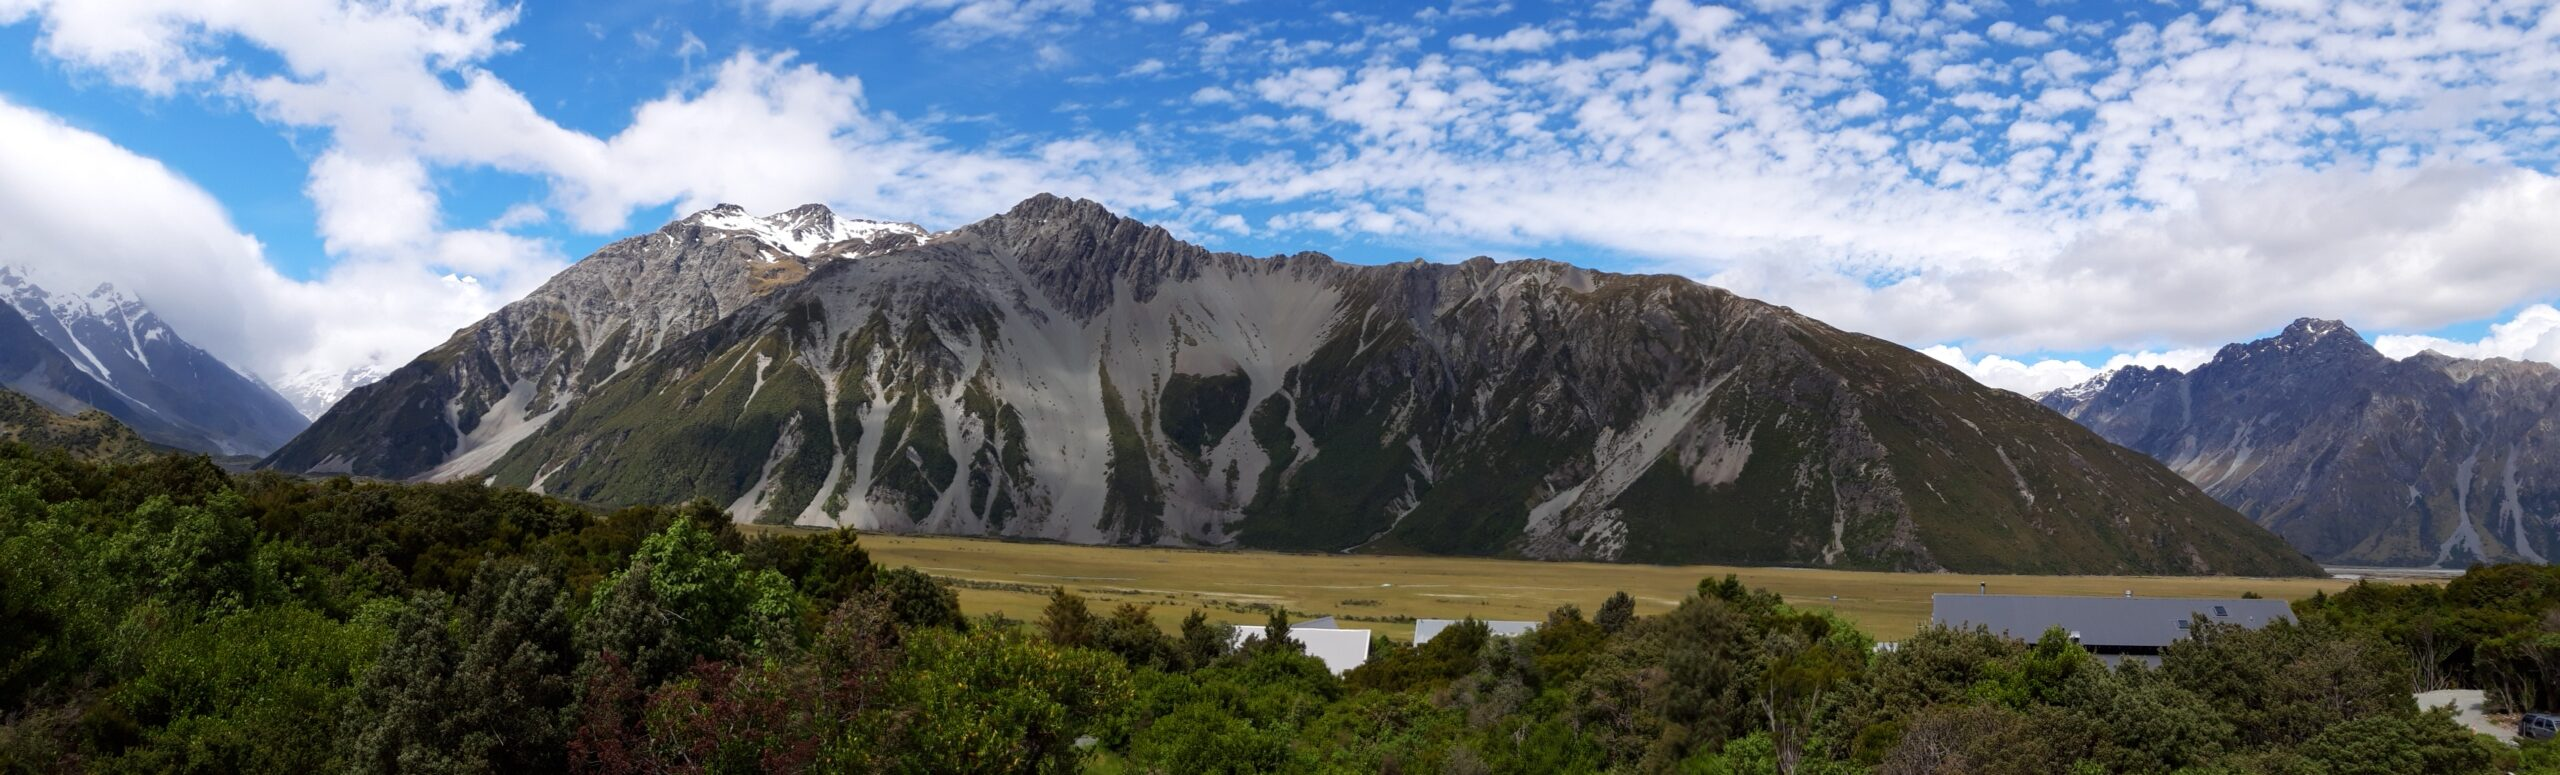 20191226_163339 - Neuseeland - Canterbury (NZ) - Mount Cook Village (NZ) - Mt. Cook Mountain Range - Tasman Valley Tal - Aoraki/Mt. Cook (3.724M) - Wolken um Berggipfel